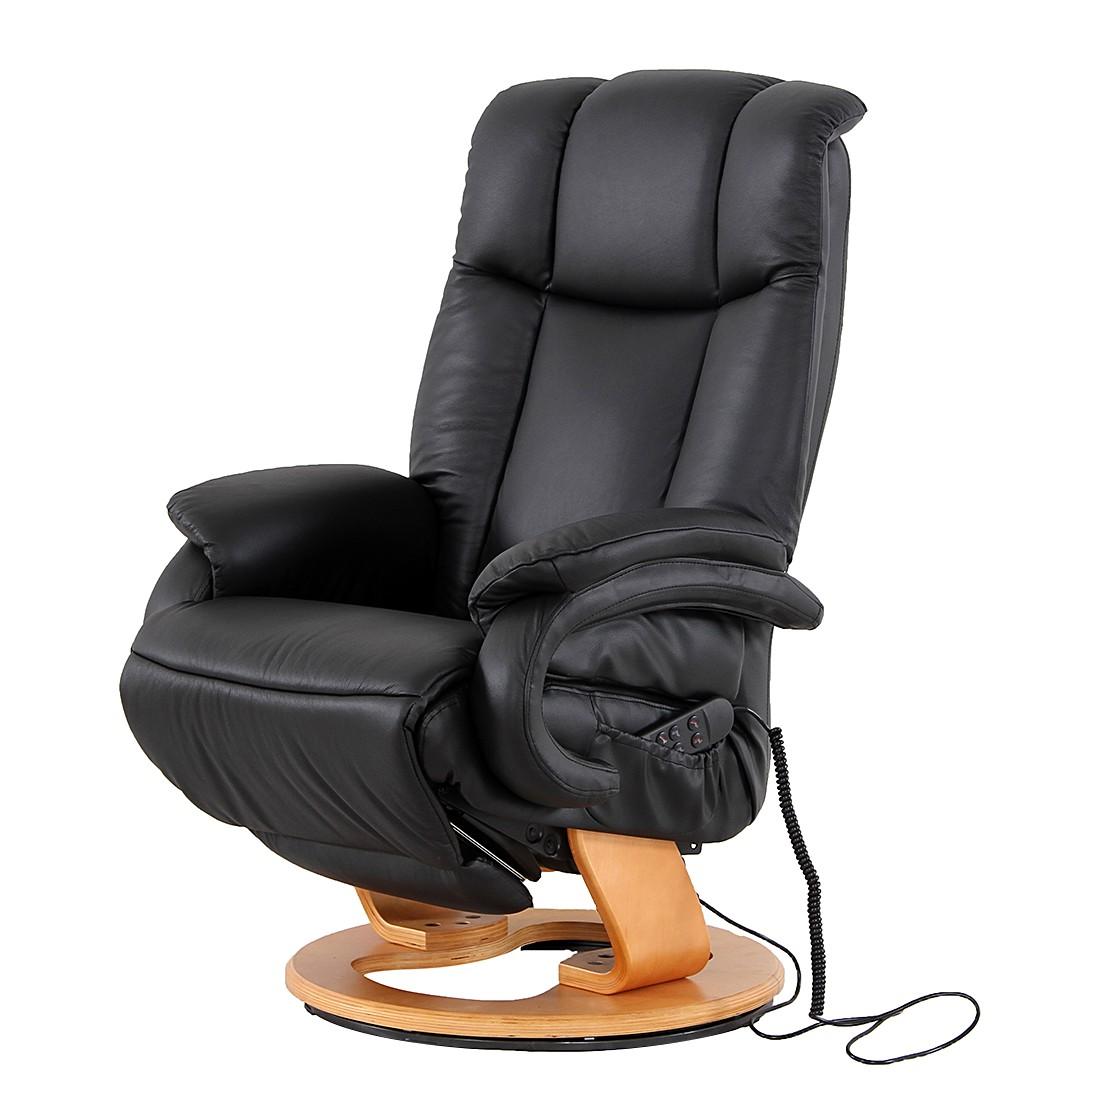 Relaxsessel elektrisch  Nuovoform Fernsehsessel – für ein klassisches Zuhause | home24